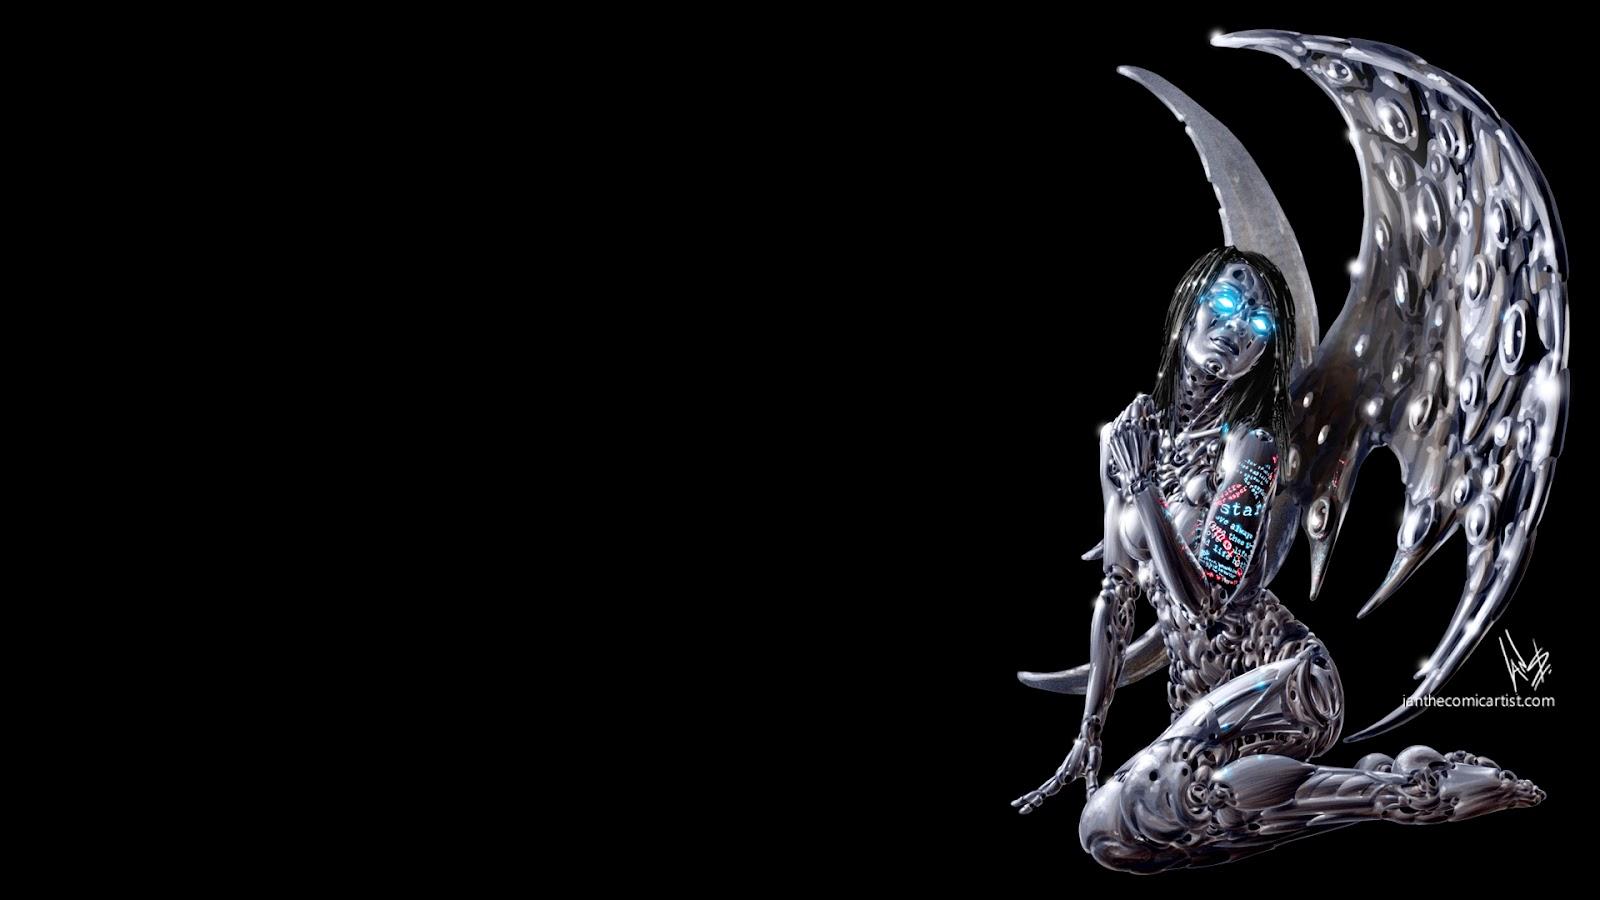 wallpaper cyberpunk metropolis robots - photo #46